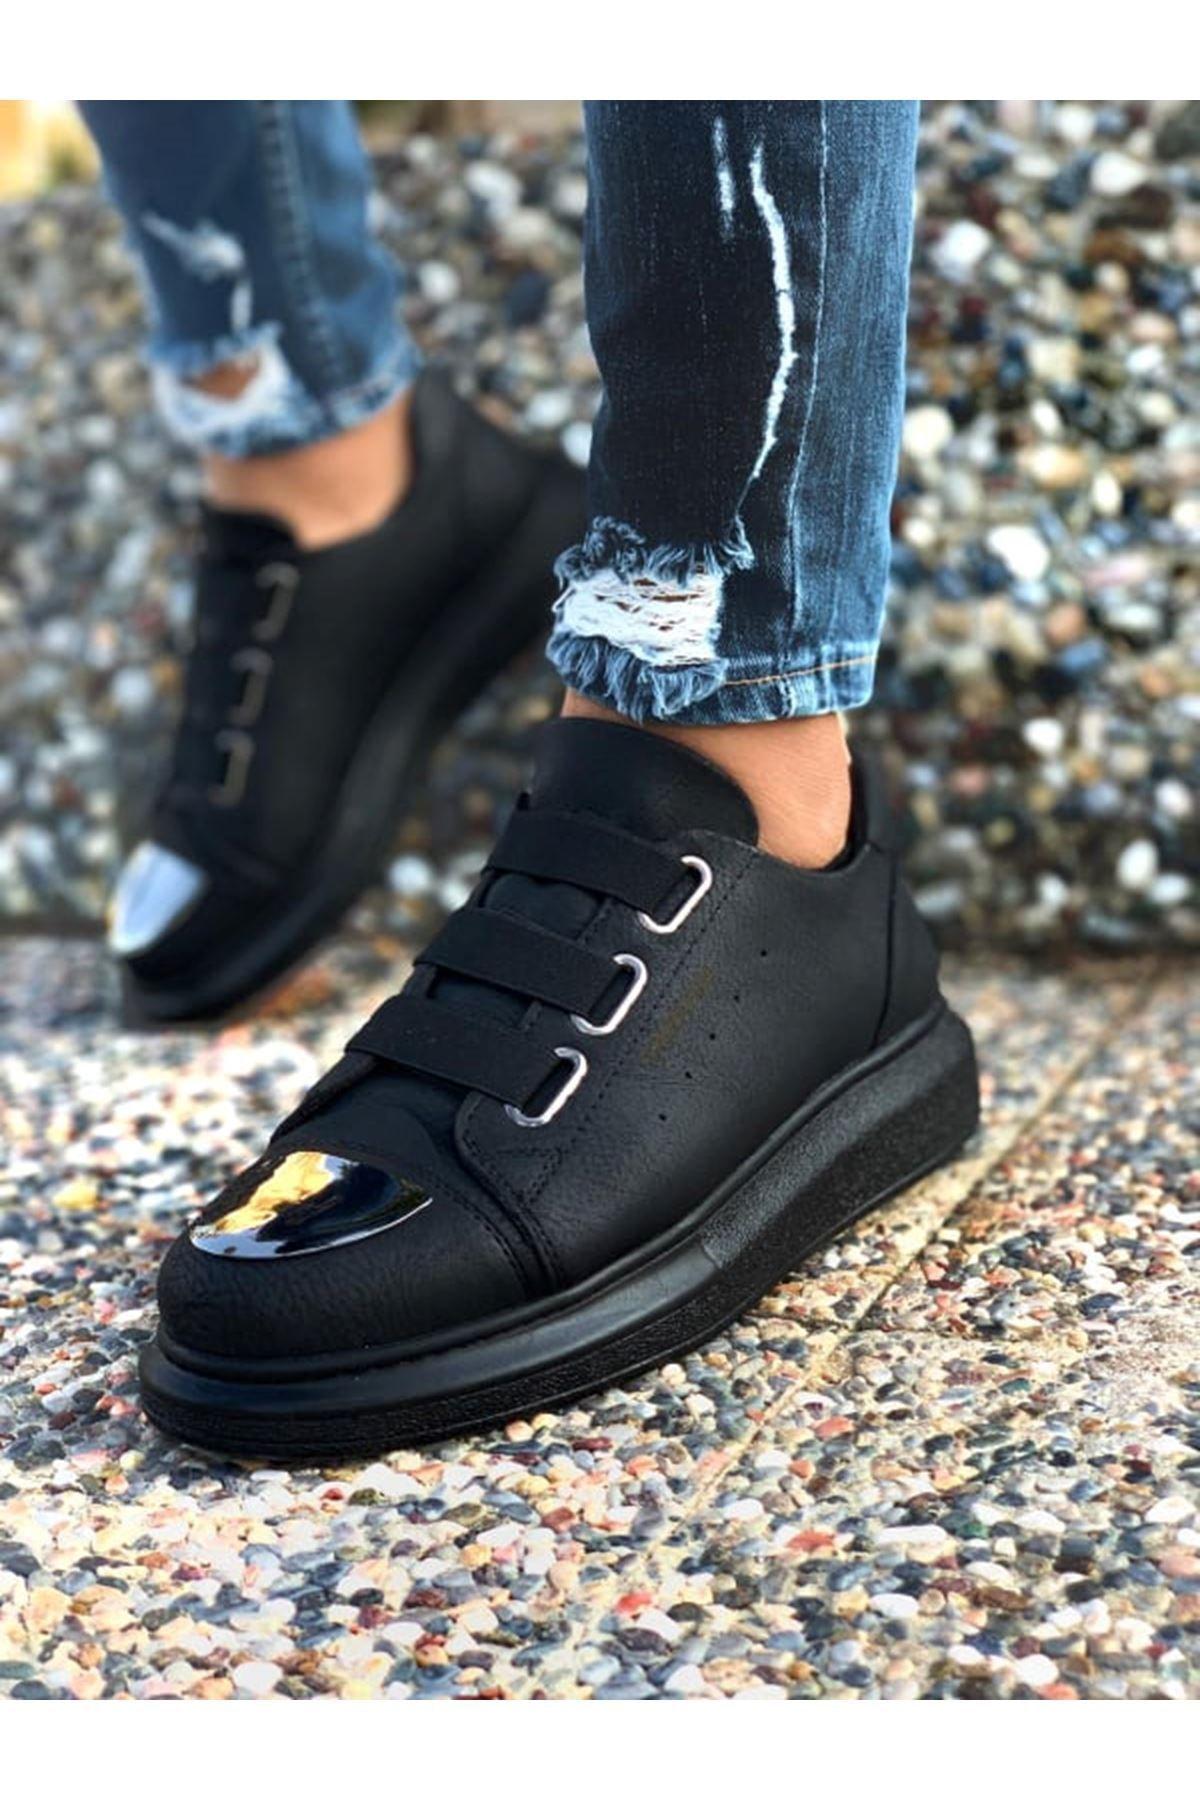 Chekich St Erkek Ayakkabı Siyah Ch251 2